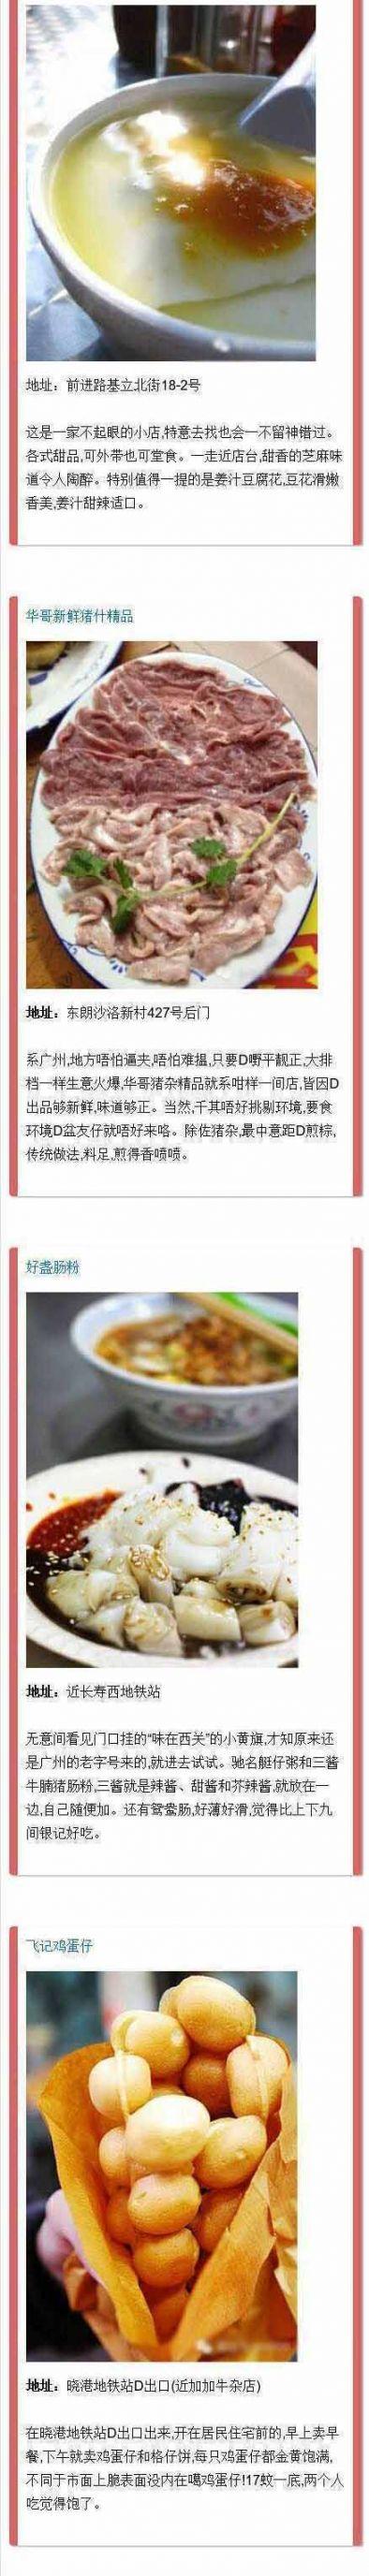 广州不起眼却人气火爆的偏僻小吃店